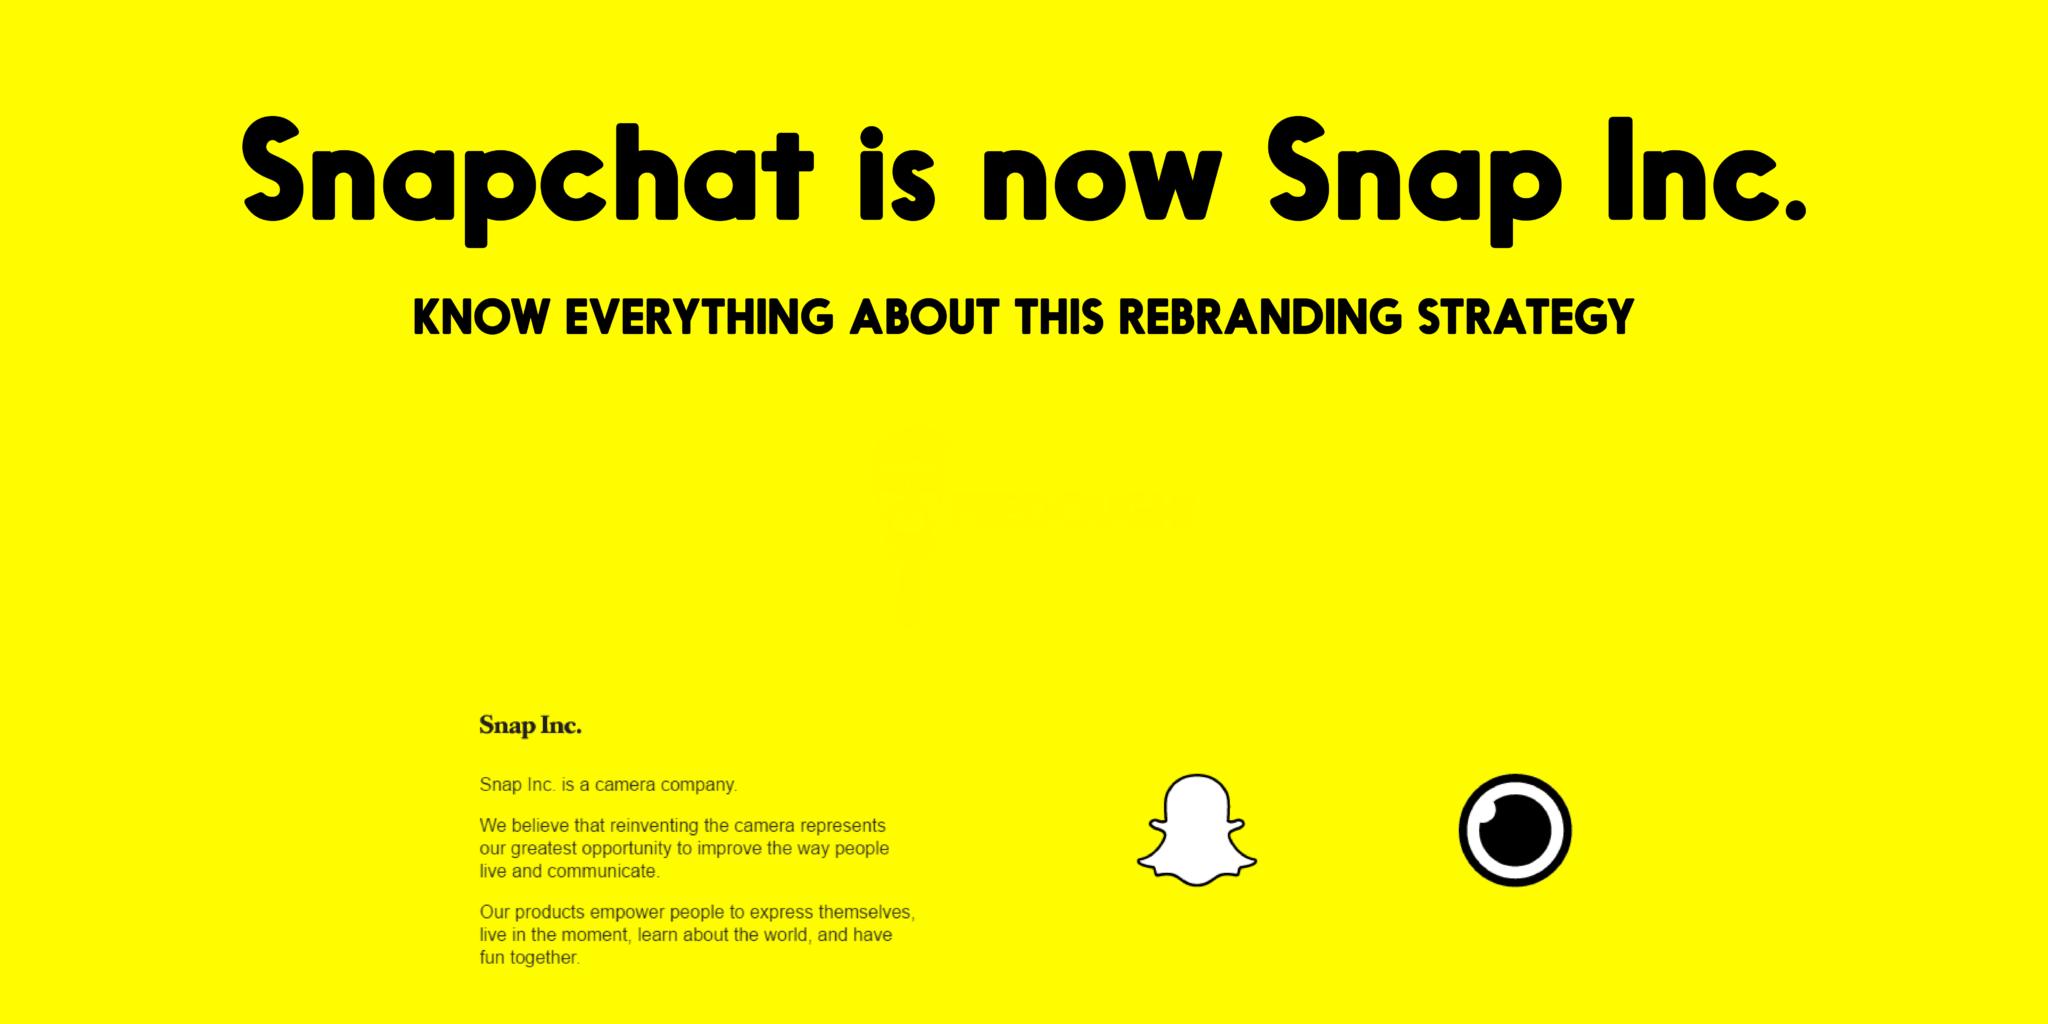 snap-inc إعادة تعريف سناب شات: شركة كاميرا وتصوير وليس تطبيق دردشة وتواصل